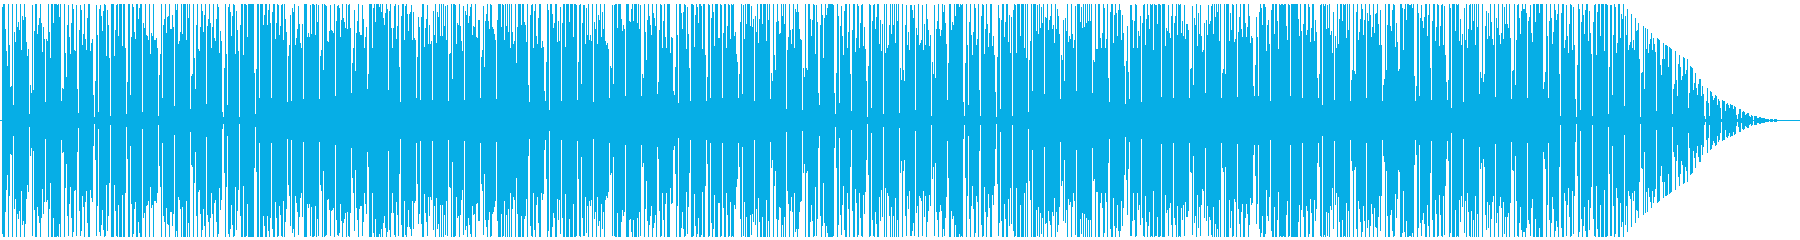 トロピカルな雰囲気のレゲエBGMメロ無しの再生済みの波形